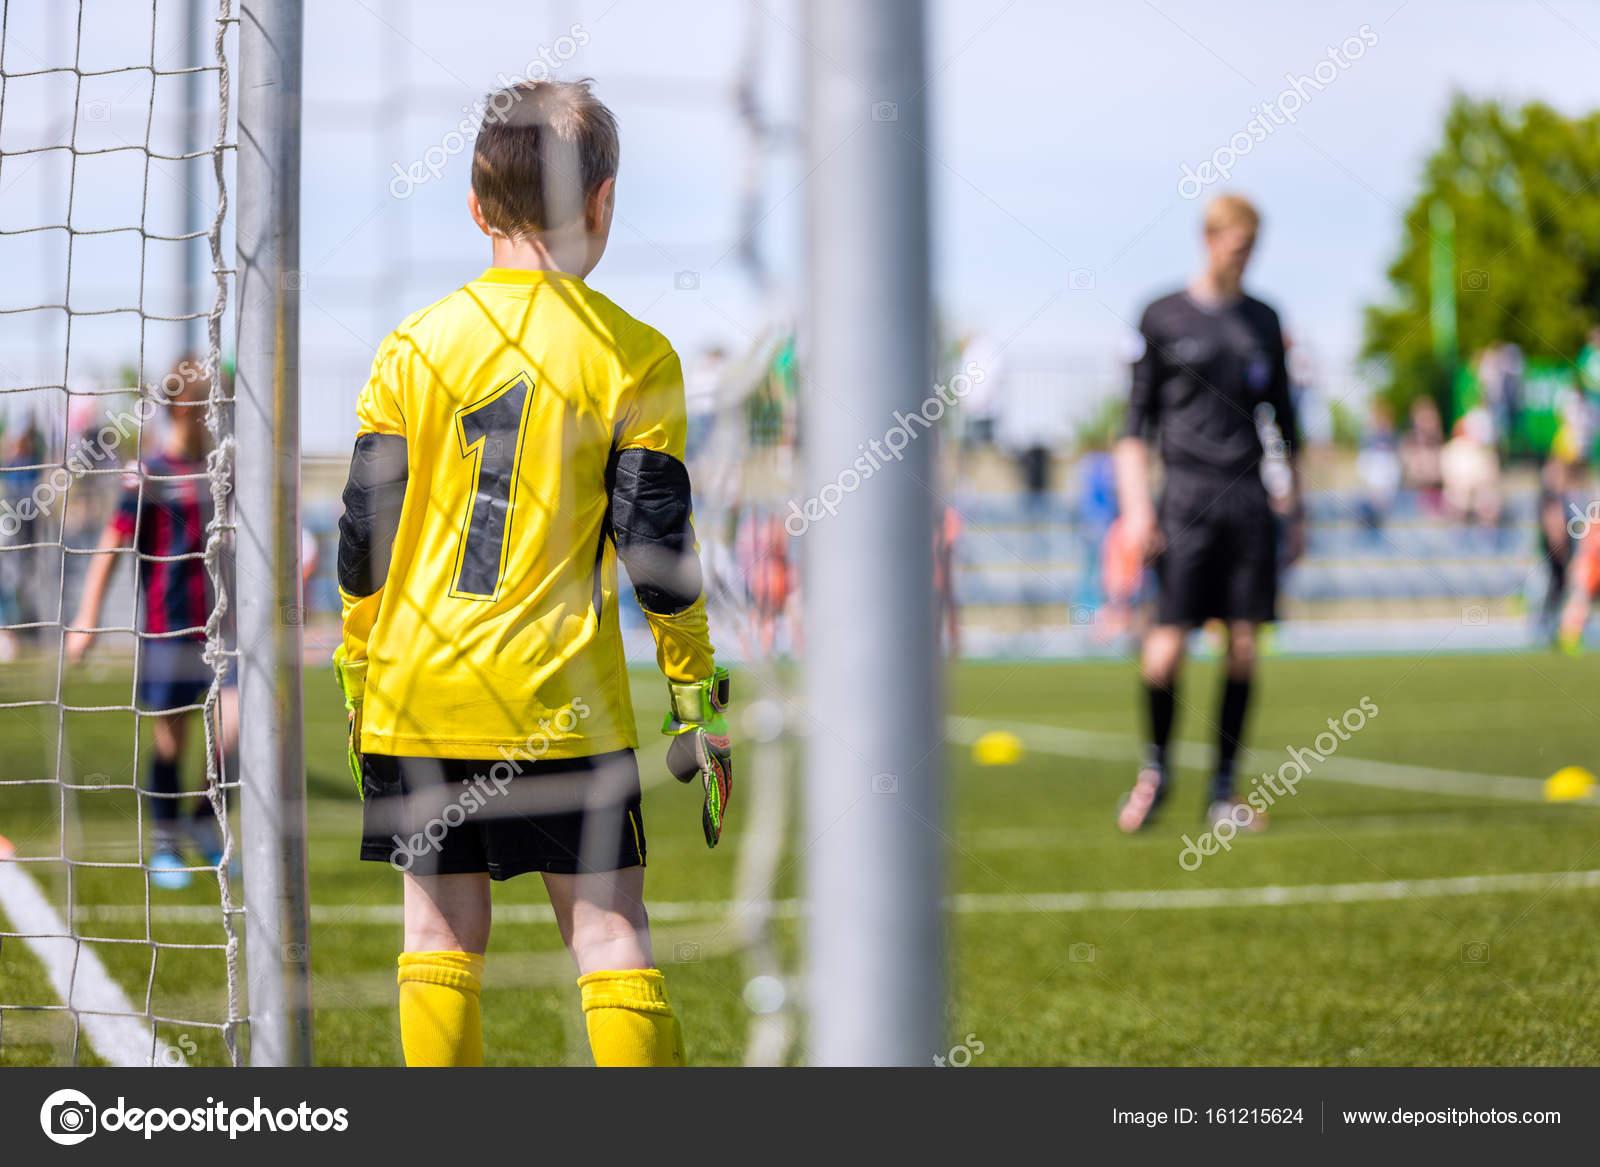 c8df0498314f7 Portero de fútbol del equipo juvenil. Torneo de fútbol para niños. Niños  patadas juego de futbol. Campo de fútbol en el fondo — Foto de ...